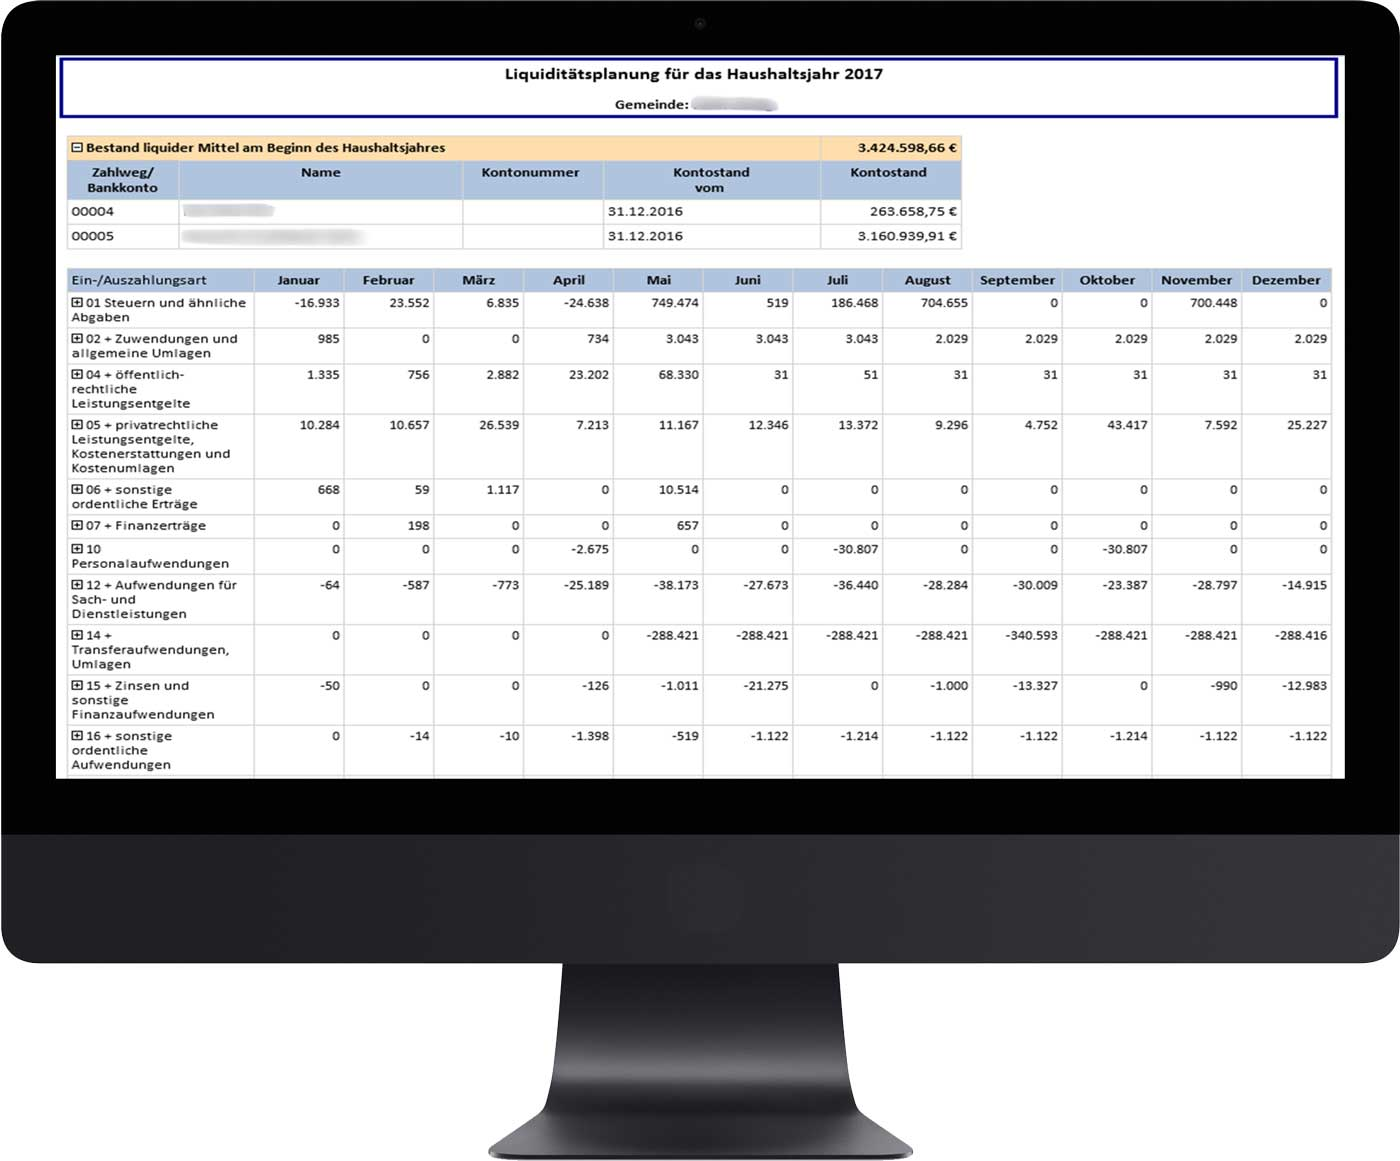 Liquiditätsplanung mit RBI ControlPLUS